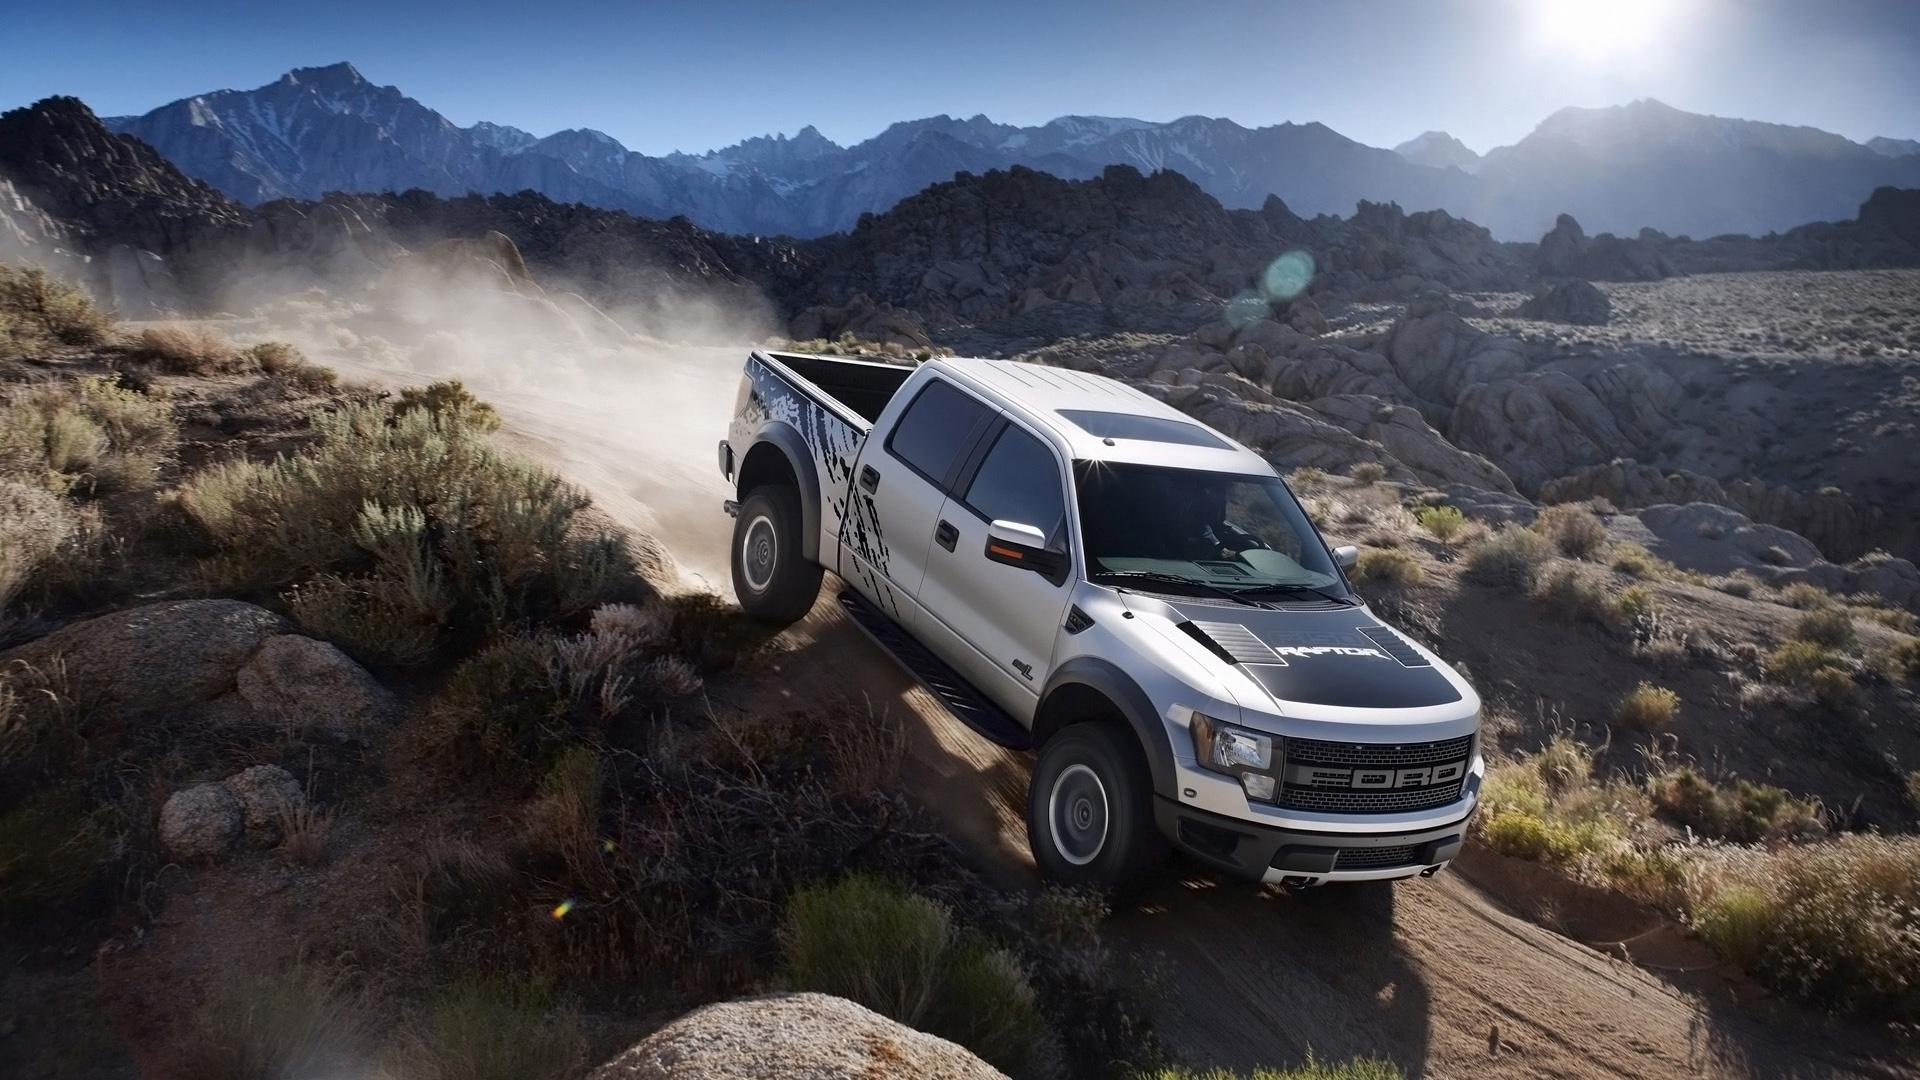 Ford Raptor Truck HD Wallpaper   HD 1920x1080